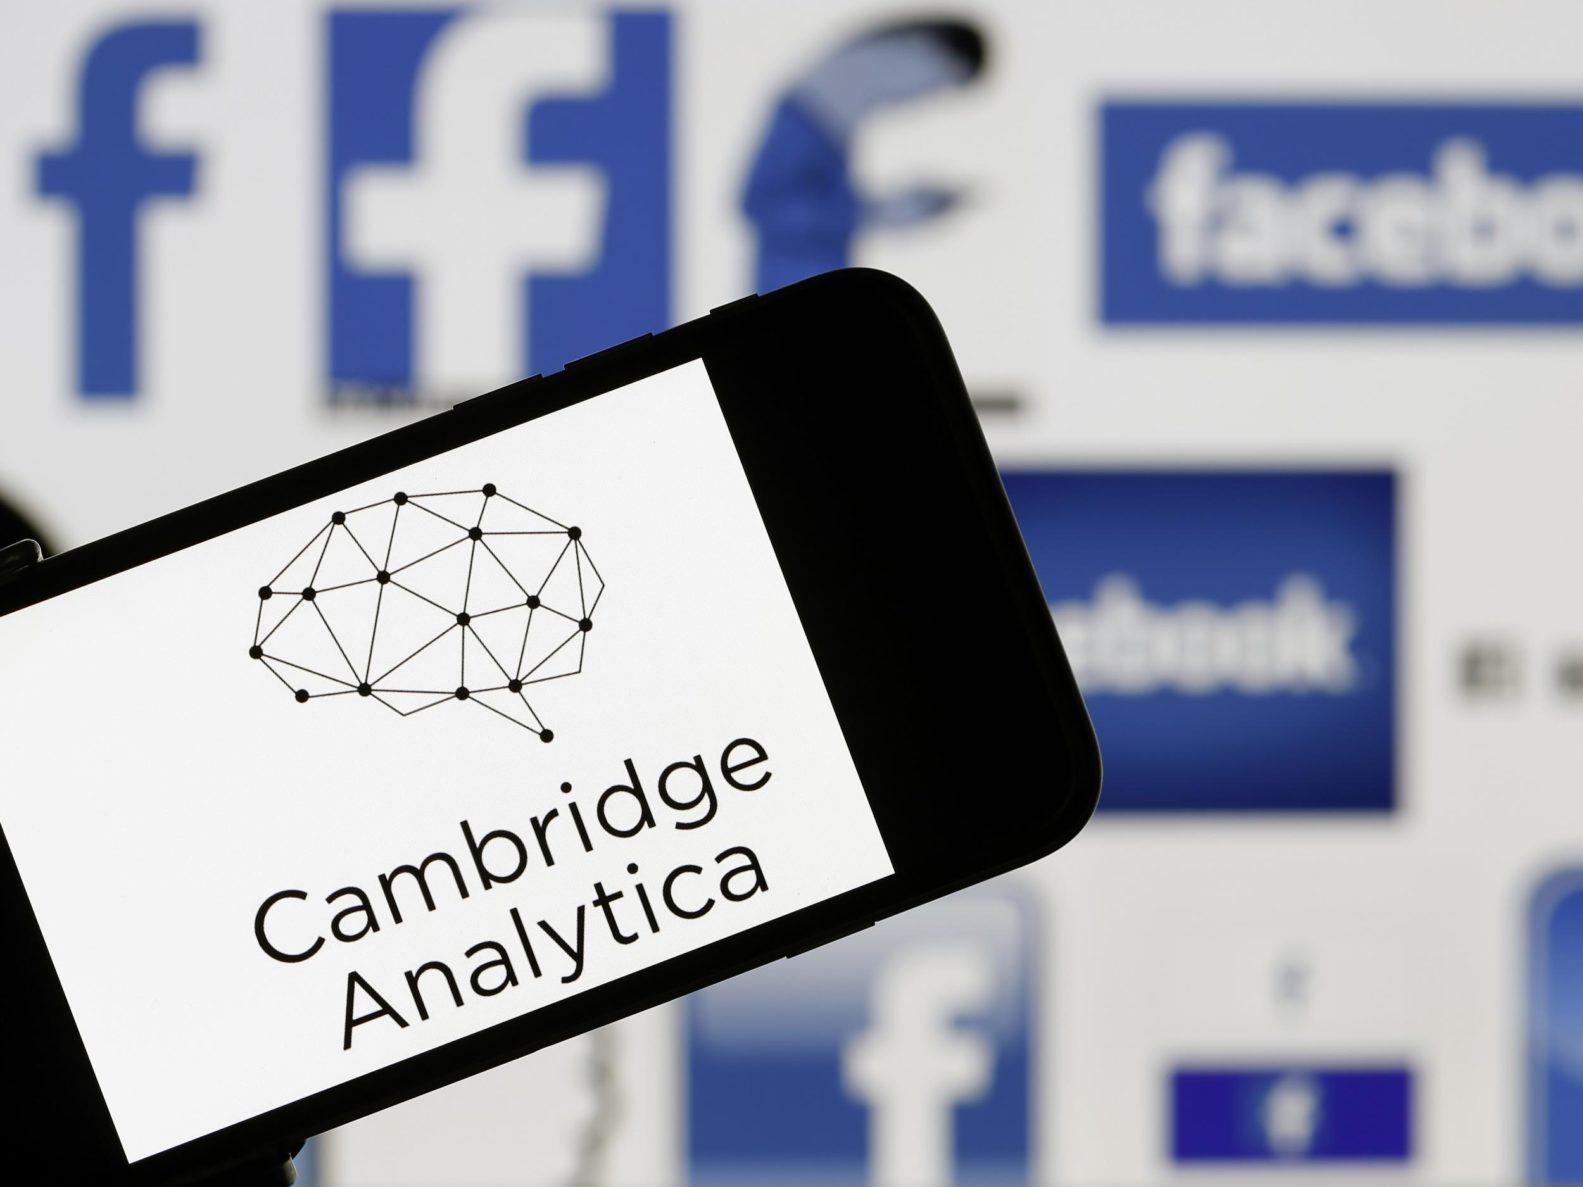 Facebookの信頼を揺るがせた、個人情報流出事件の裏で何が起こっていたのか。